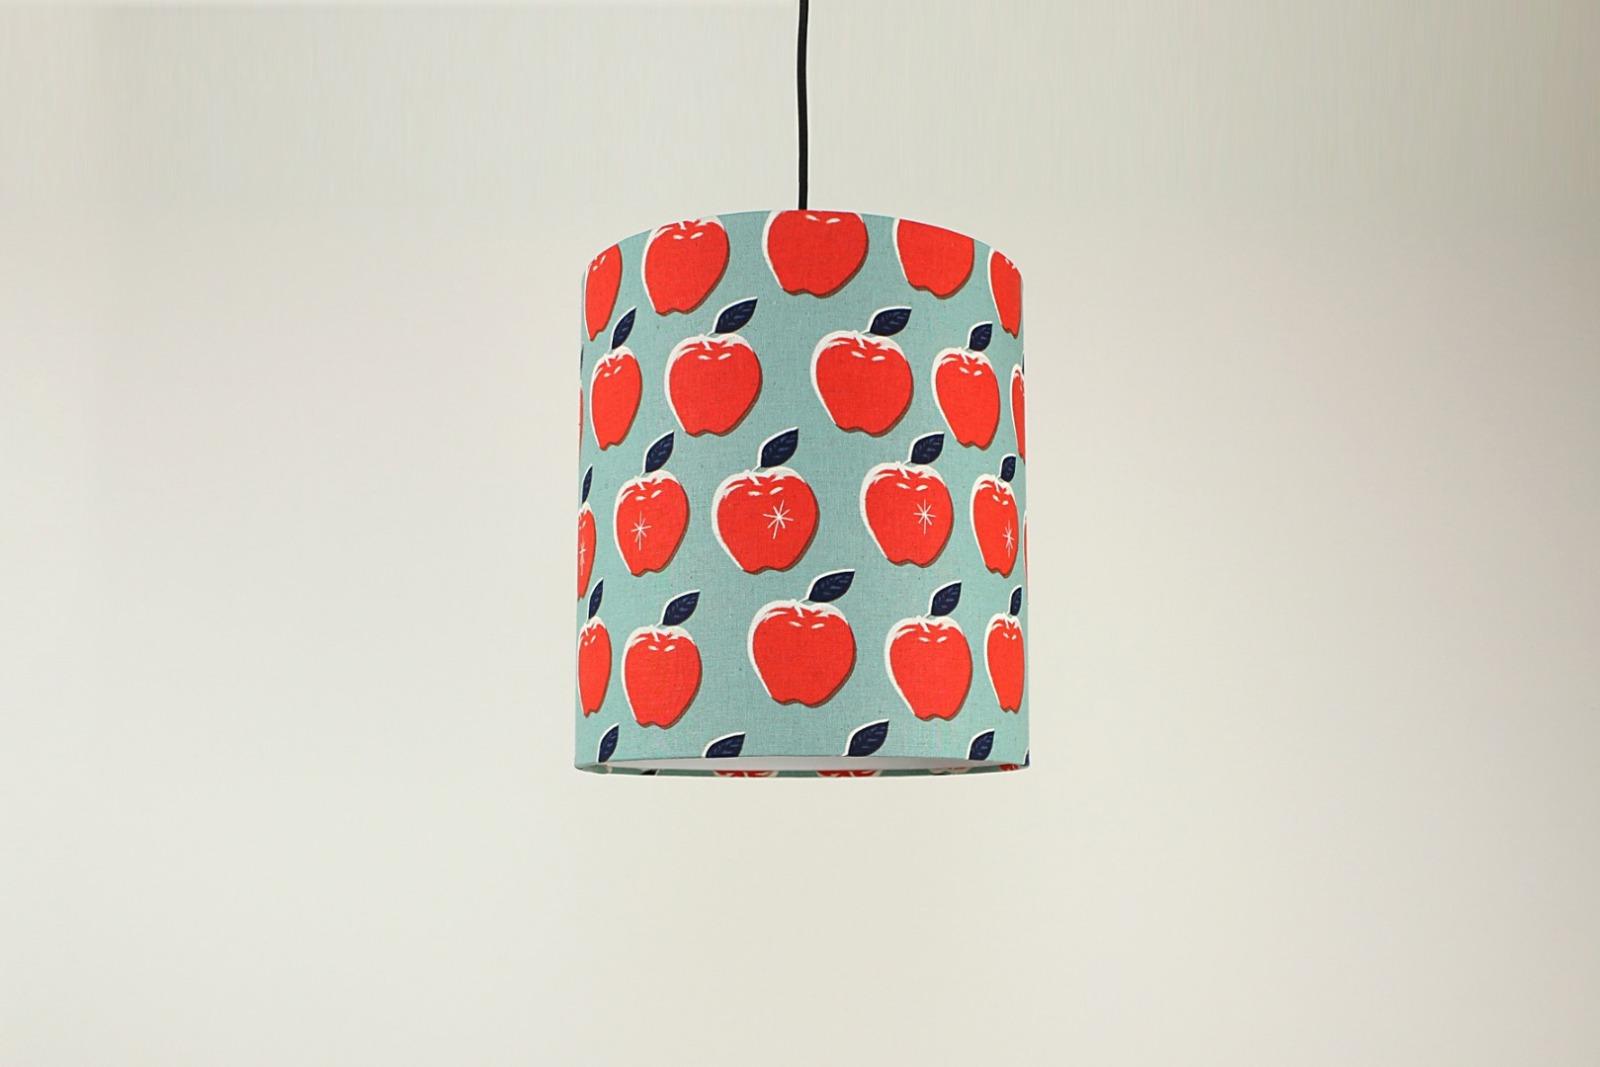 Lampenschirm Apples